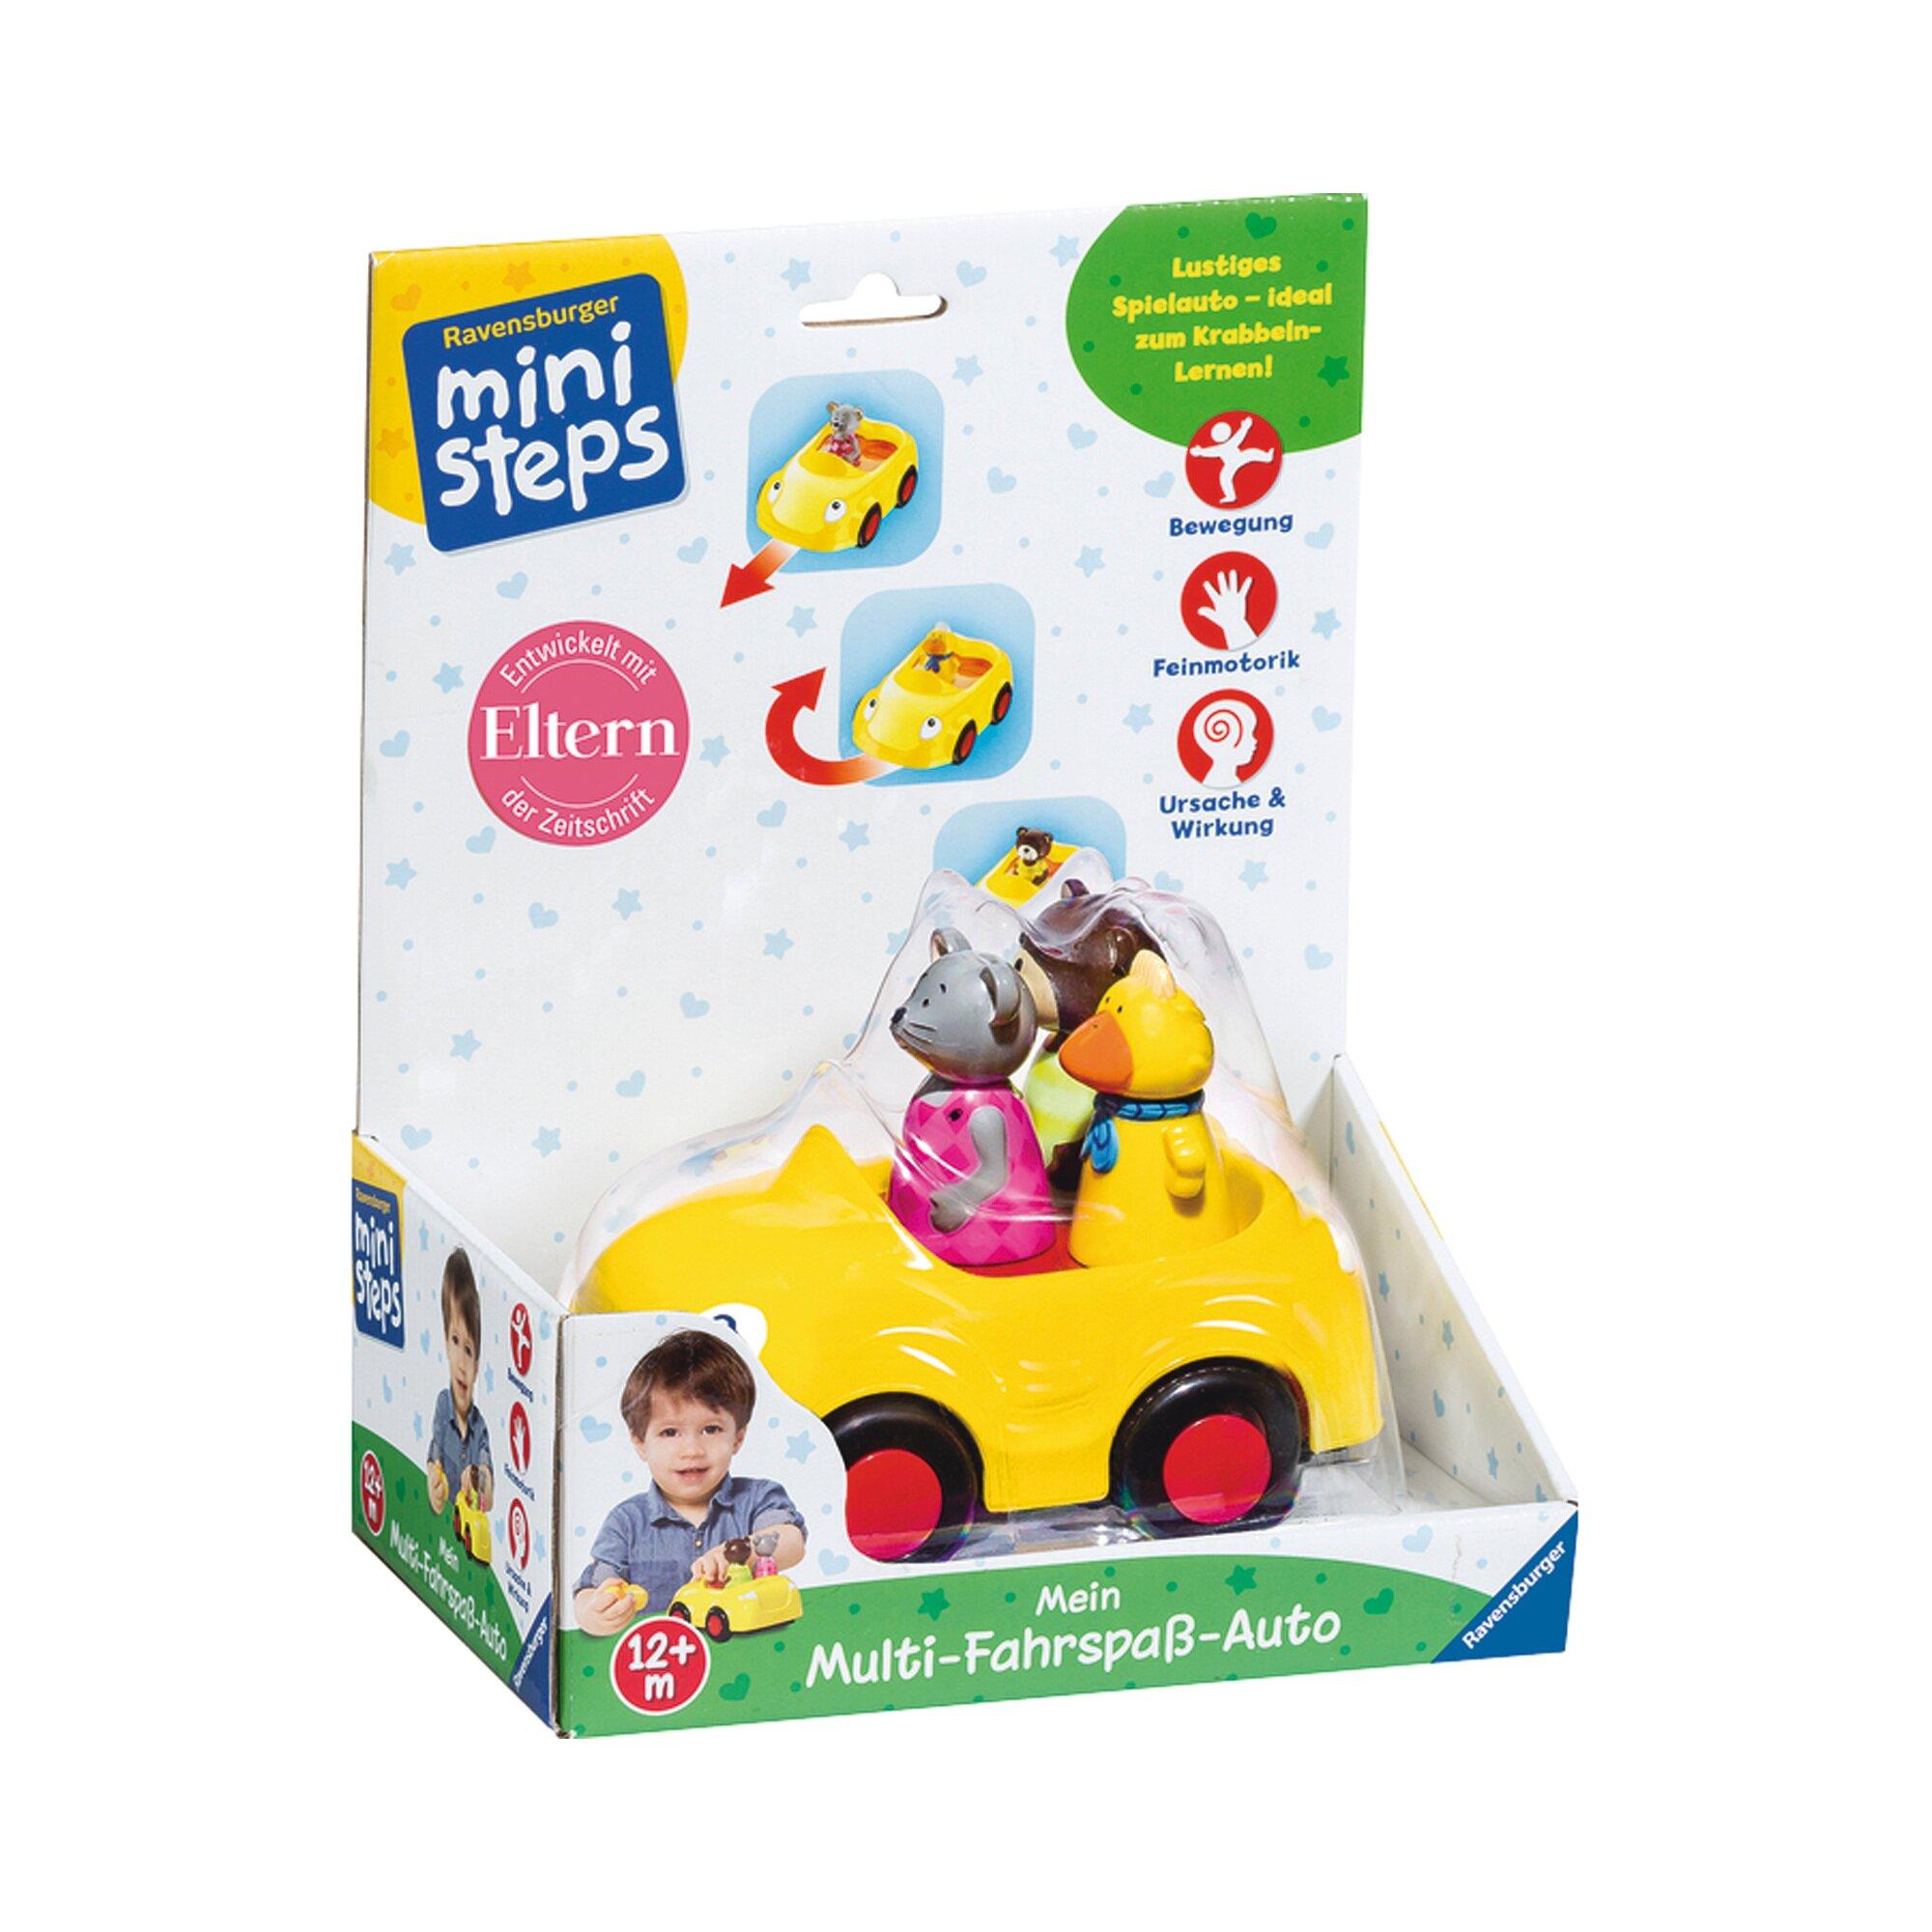 ministeps-mein-multi-fahrspa-auto